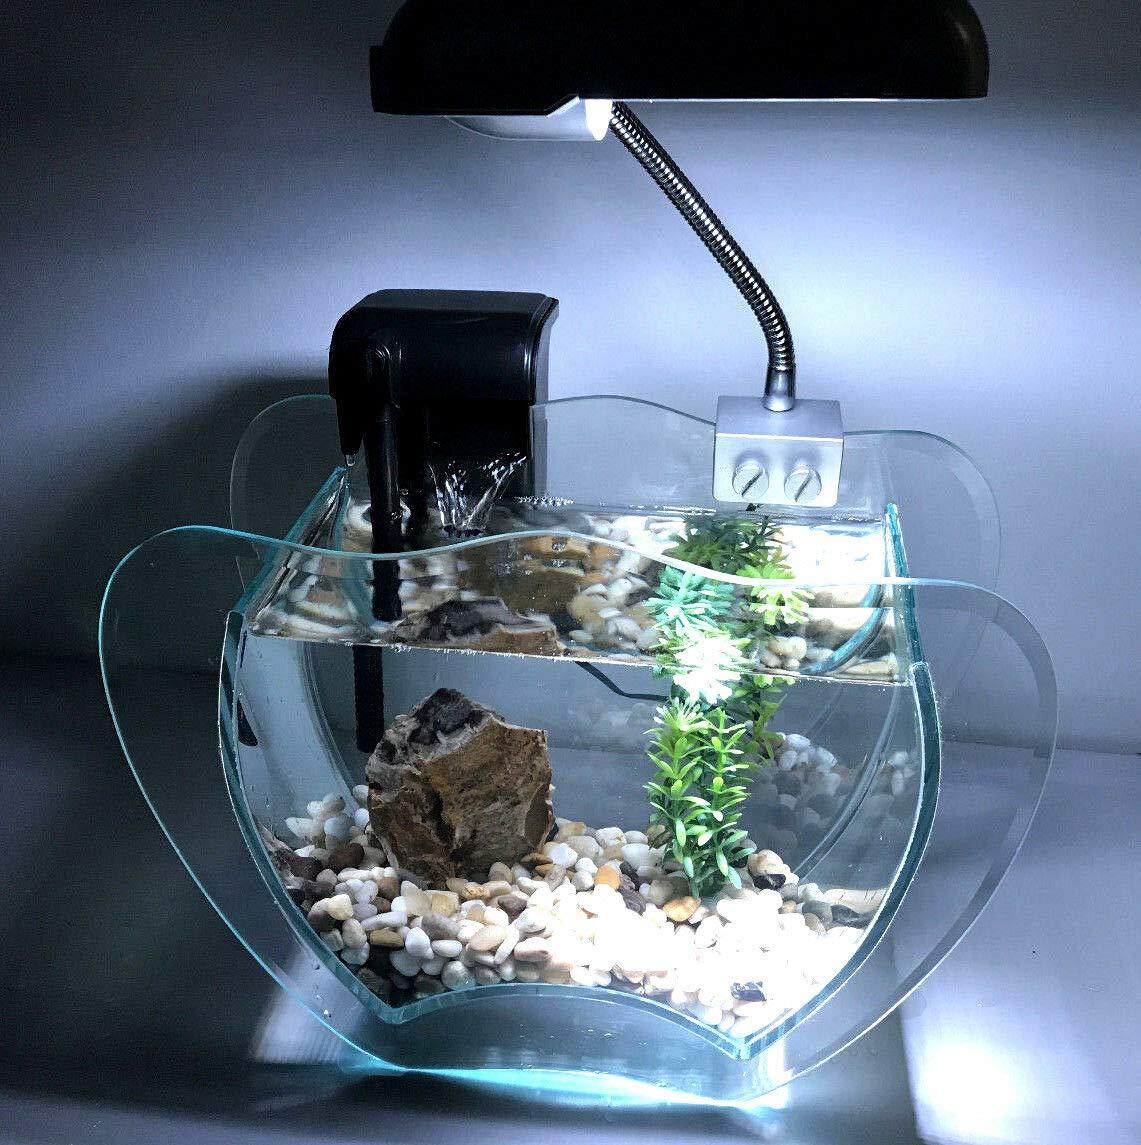 Generic D lamp, rock pump, filter, ilter, gravel, LED lamp, Aquarium complete set Aquarium co gravel, LED ump, filte garnet with complete lamp, rock